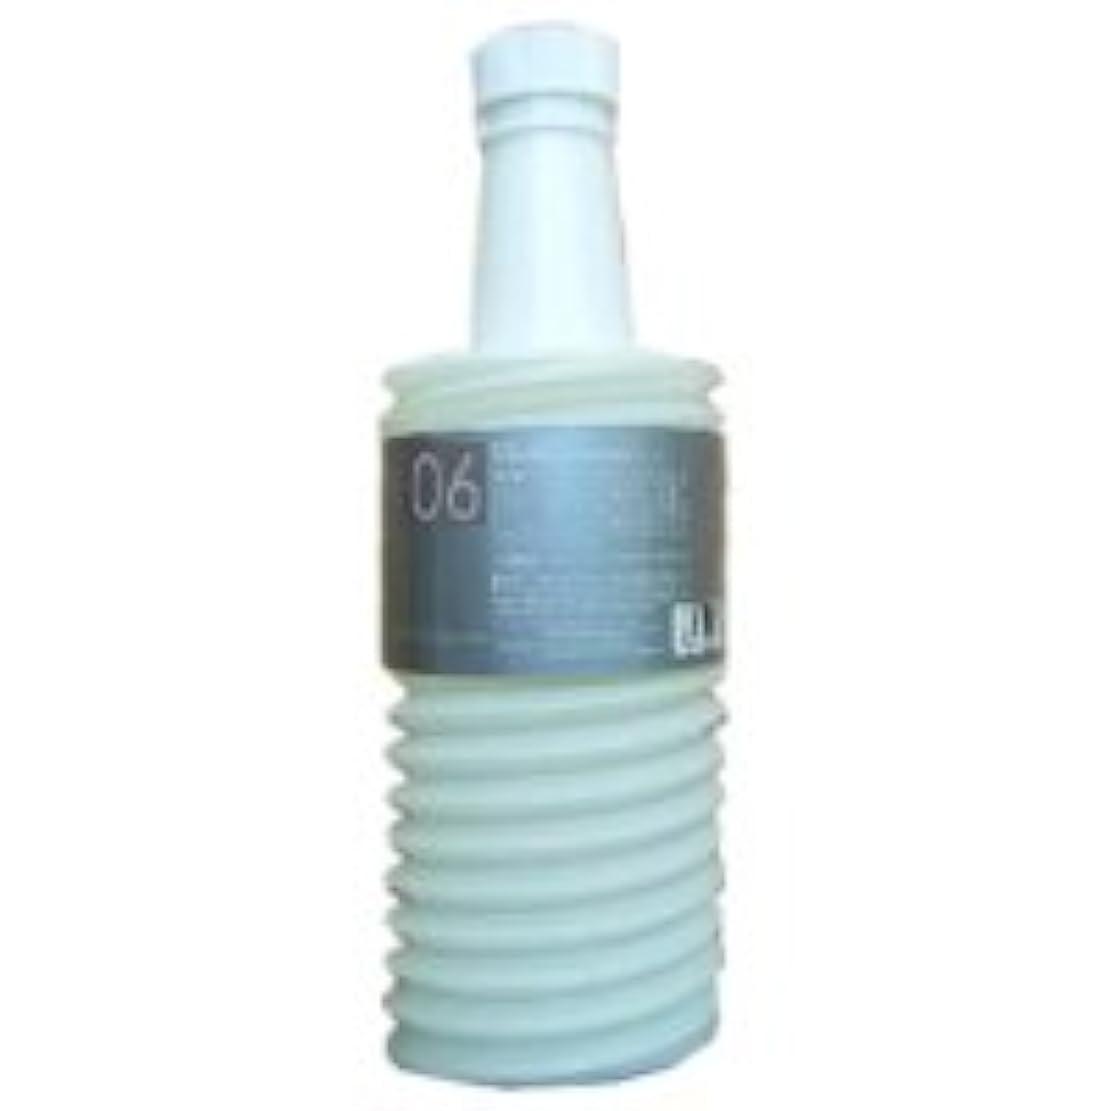 起点相対的噴水ムコタ アデューラ アイレ07 フォー パーマ ウィークリー 700g(業務?詰替用)